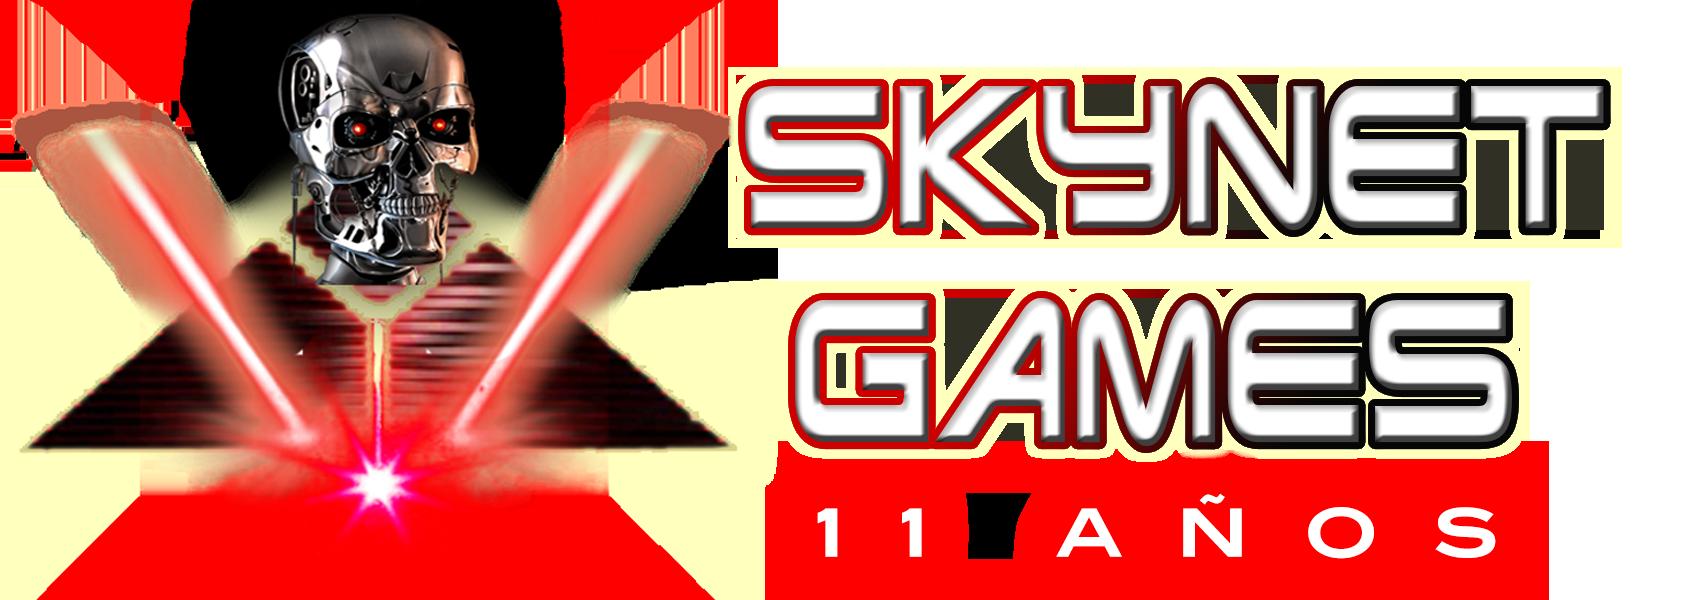 Skynet Games